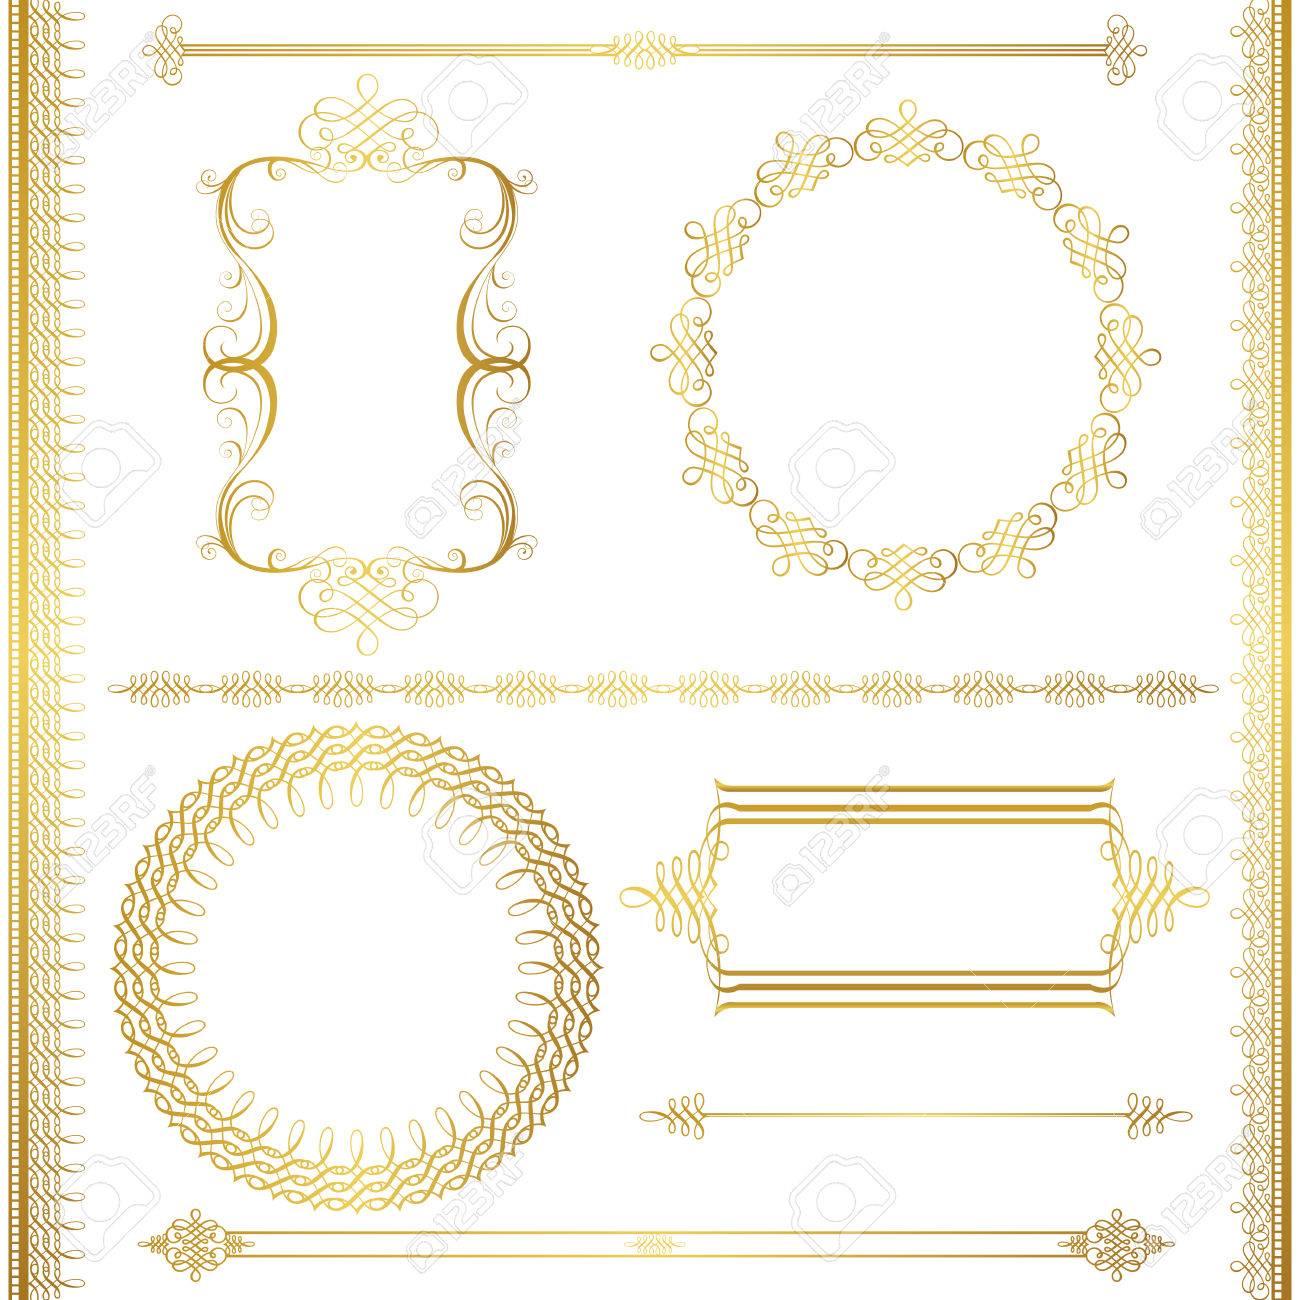 gold frame set - 38330429